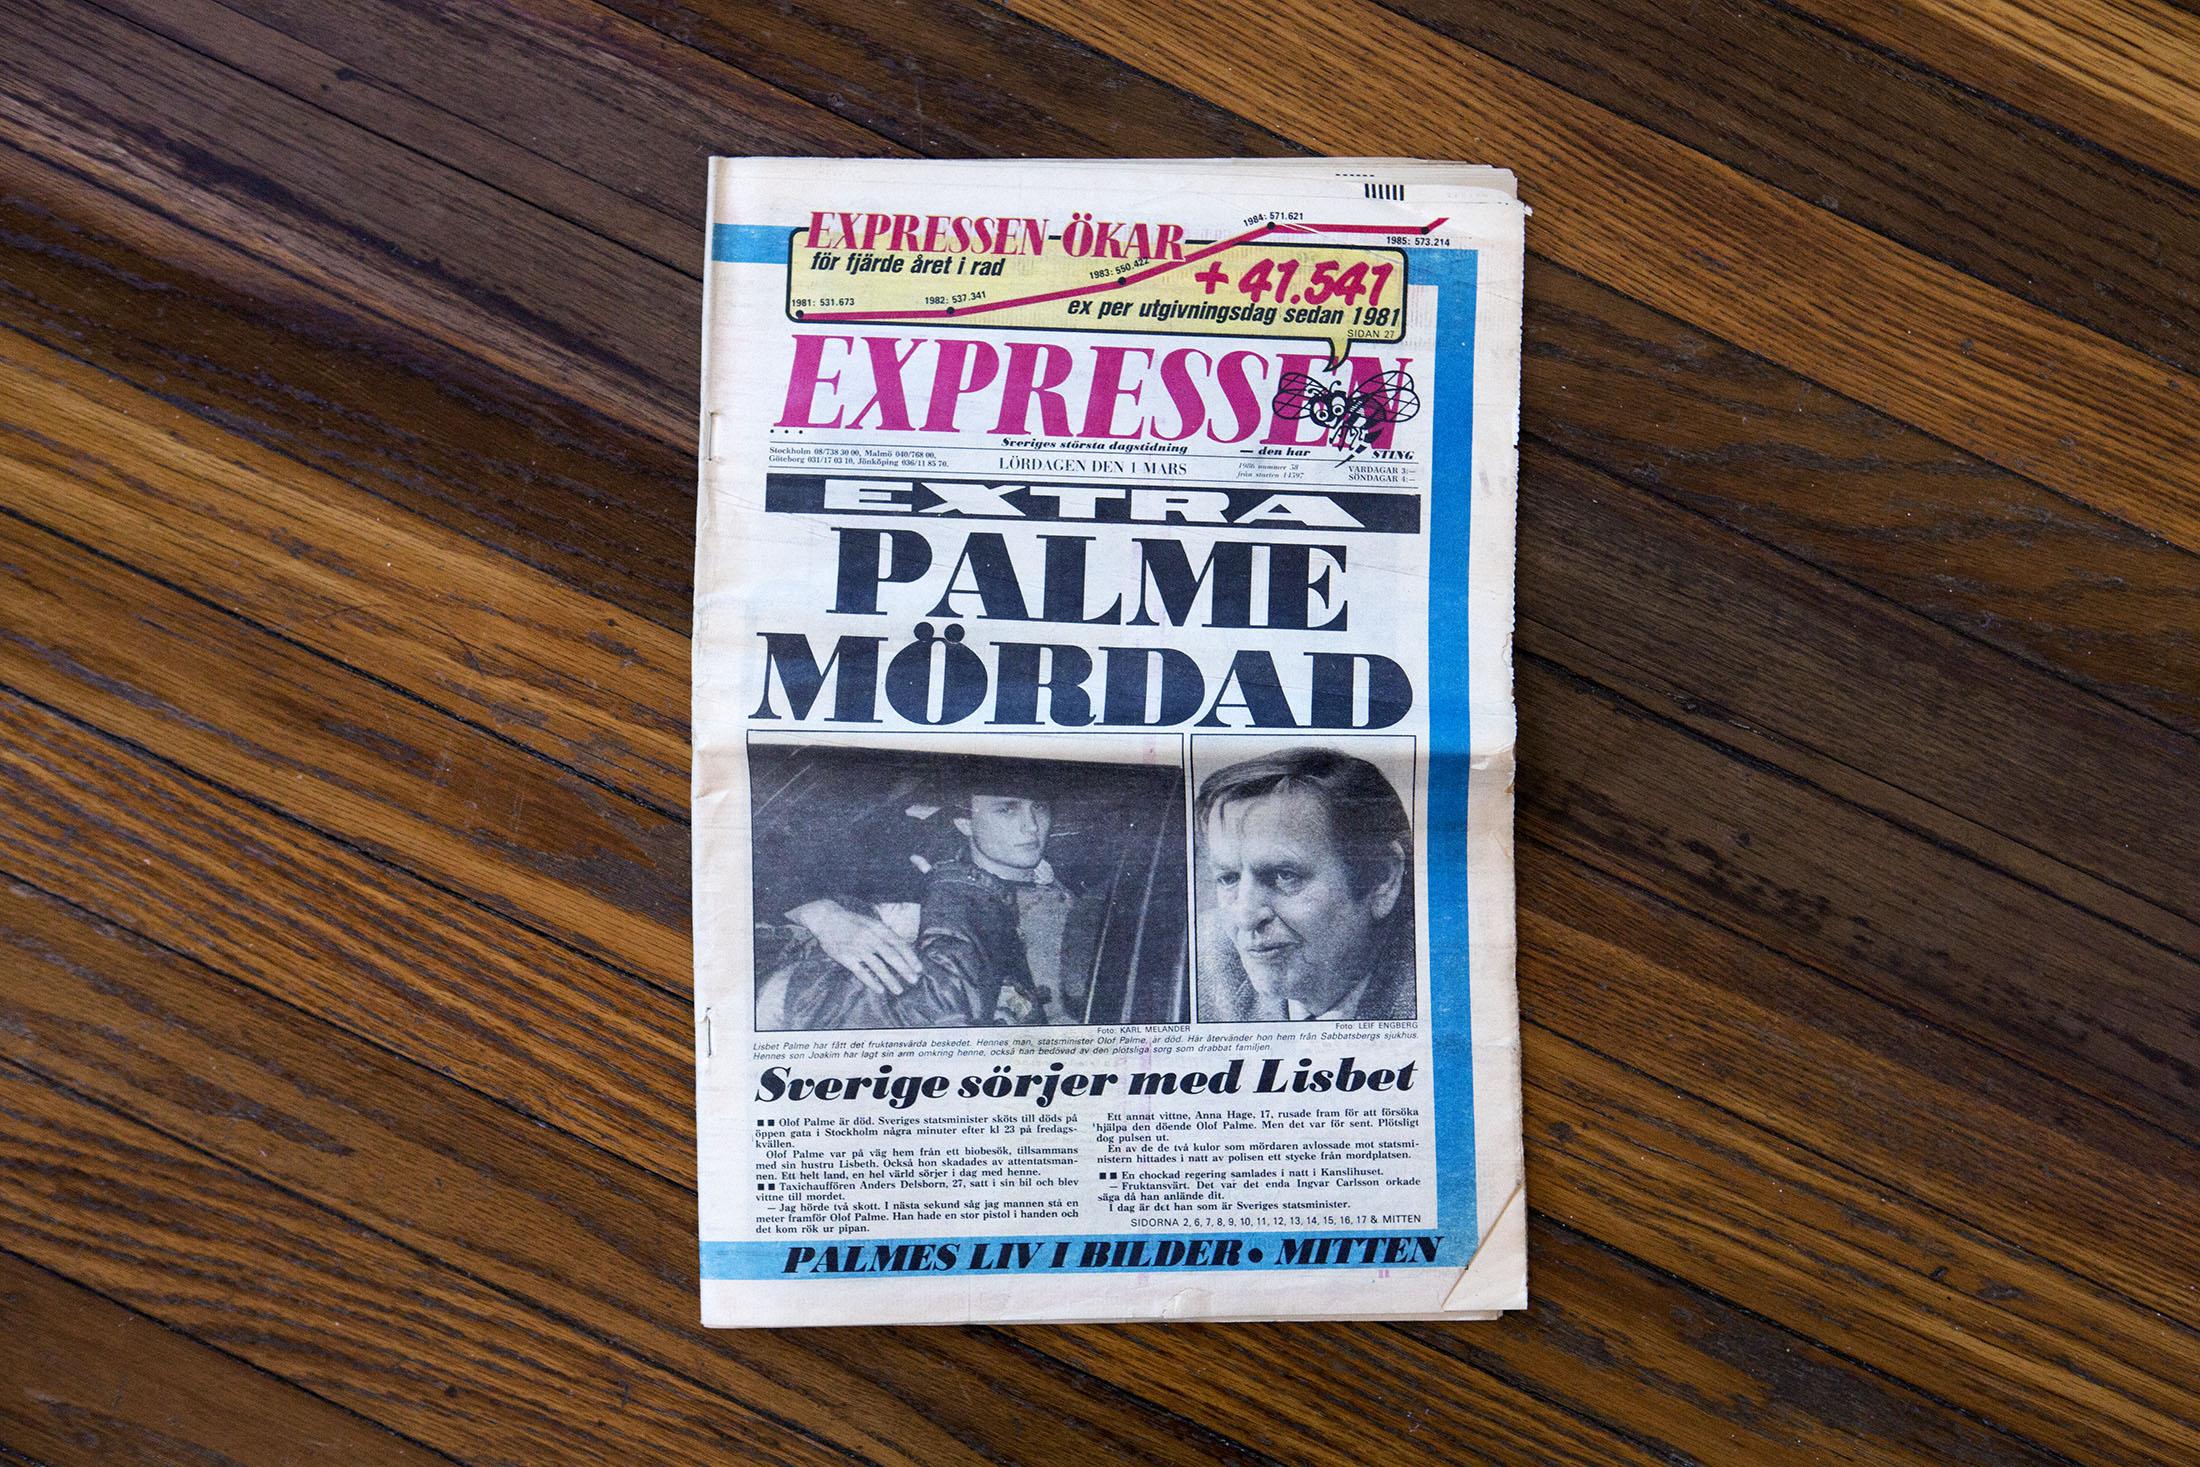 Expressens förstasida den 1 mars, 1986. Jag höll på att missa flyget till Sundsvall för att de hade så många extra kvällstidningar att flyga upp dit vilket gjorde att planet blev för tungt och vissa av passagerarna var tvugna att ta nästa plan.